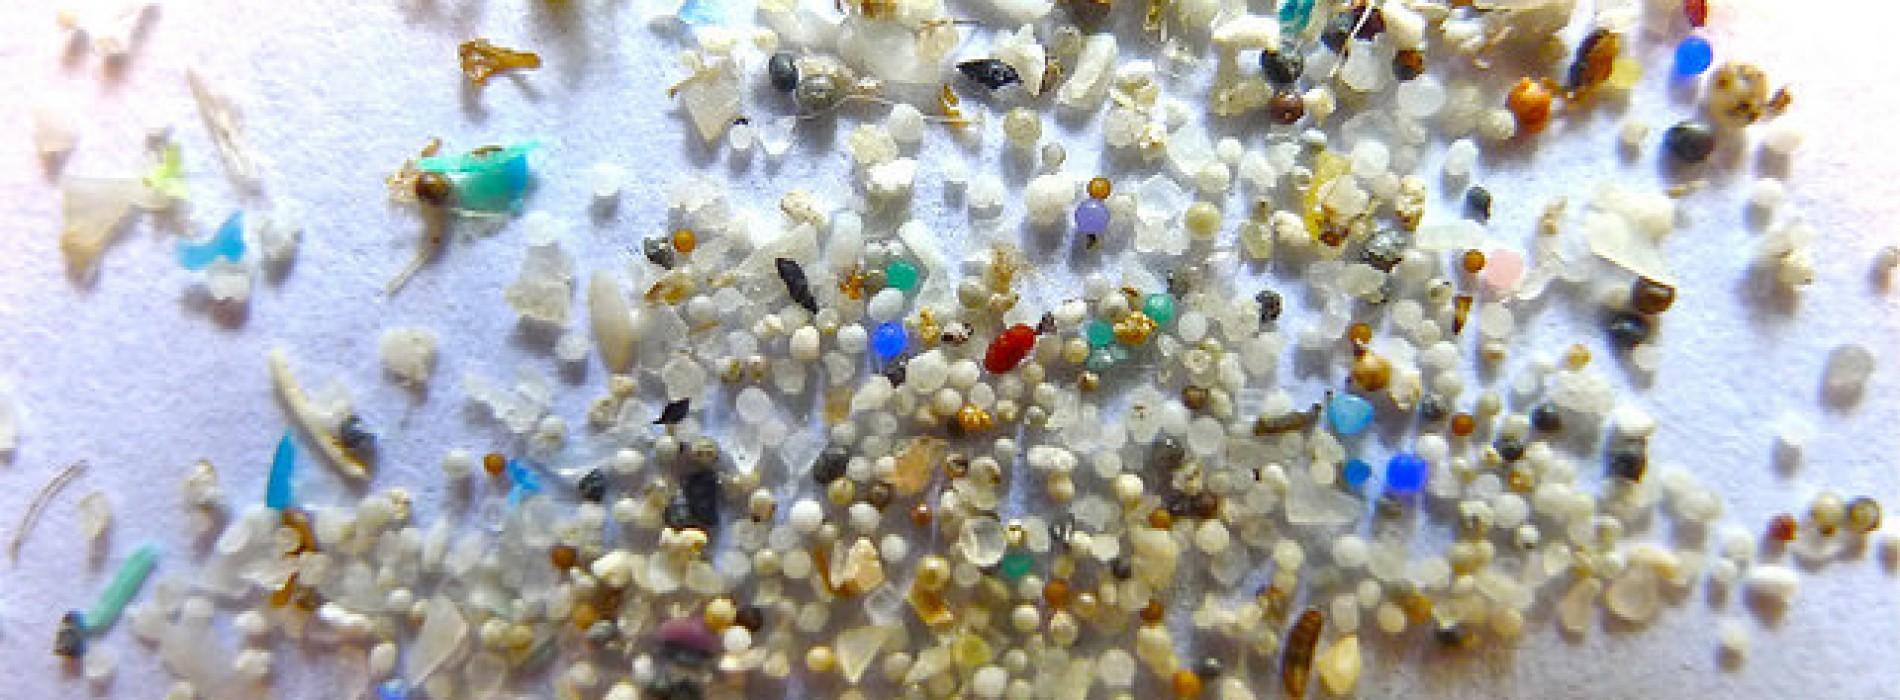 Bevat jouw favoriete verzorgingsproduct microplastics?